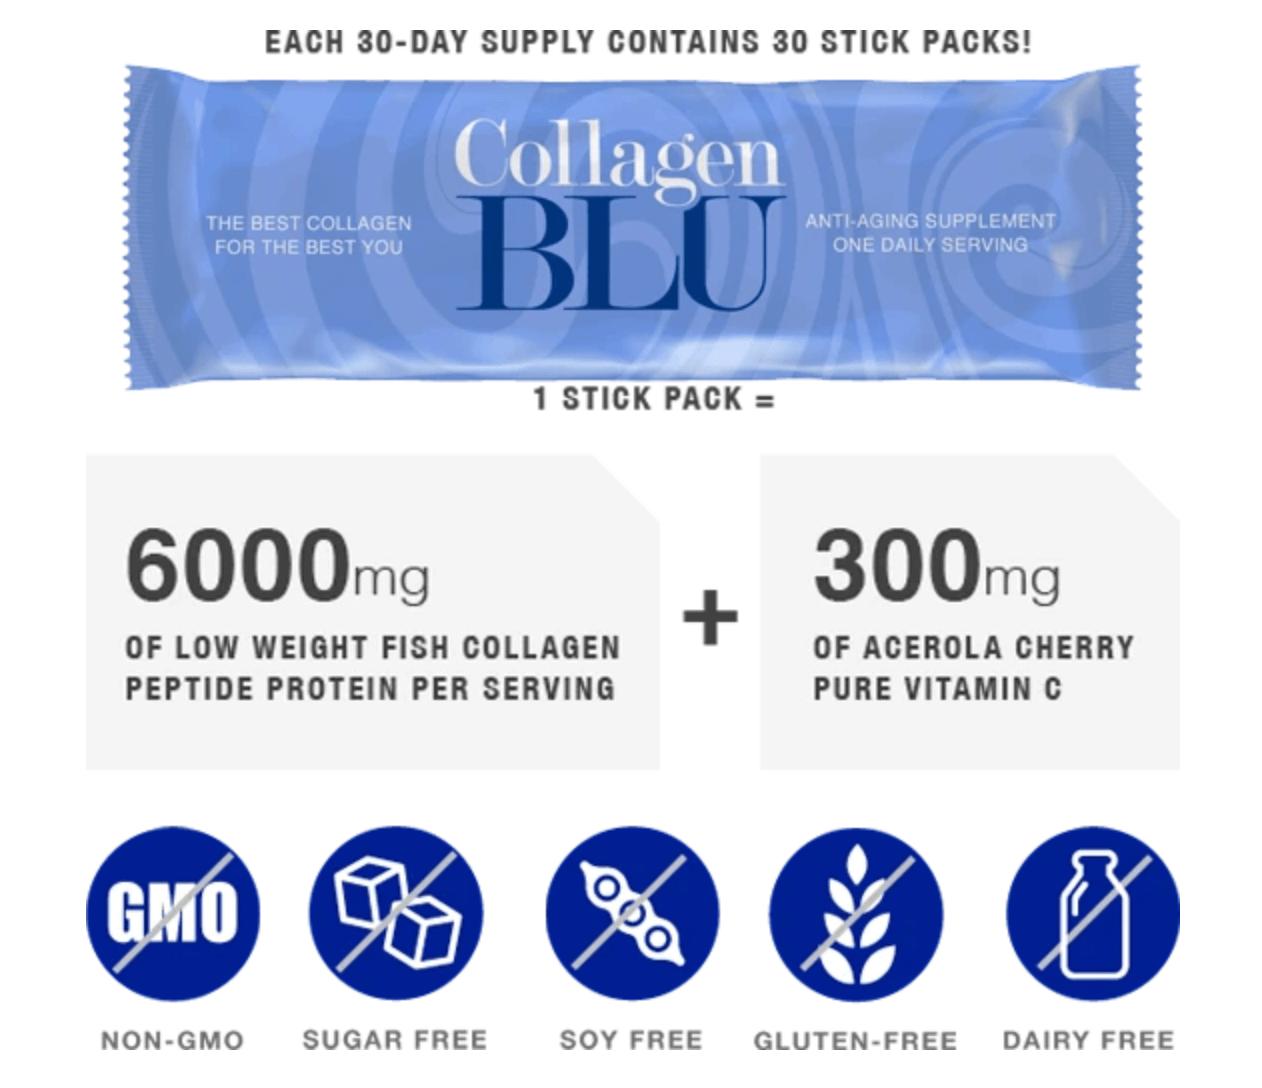 Collagen BLU Stick Pack